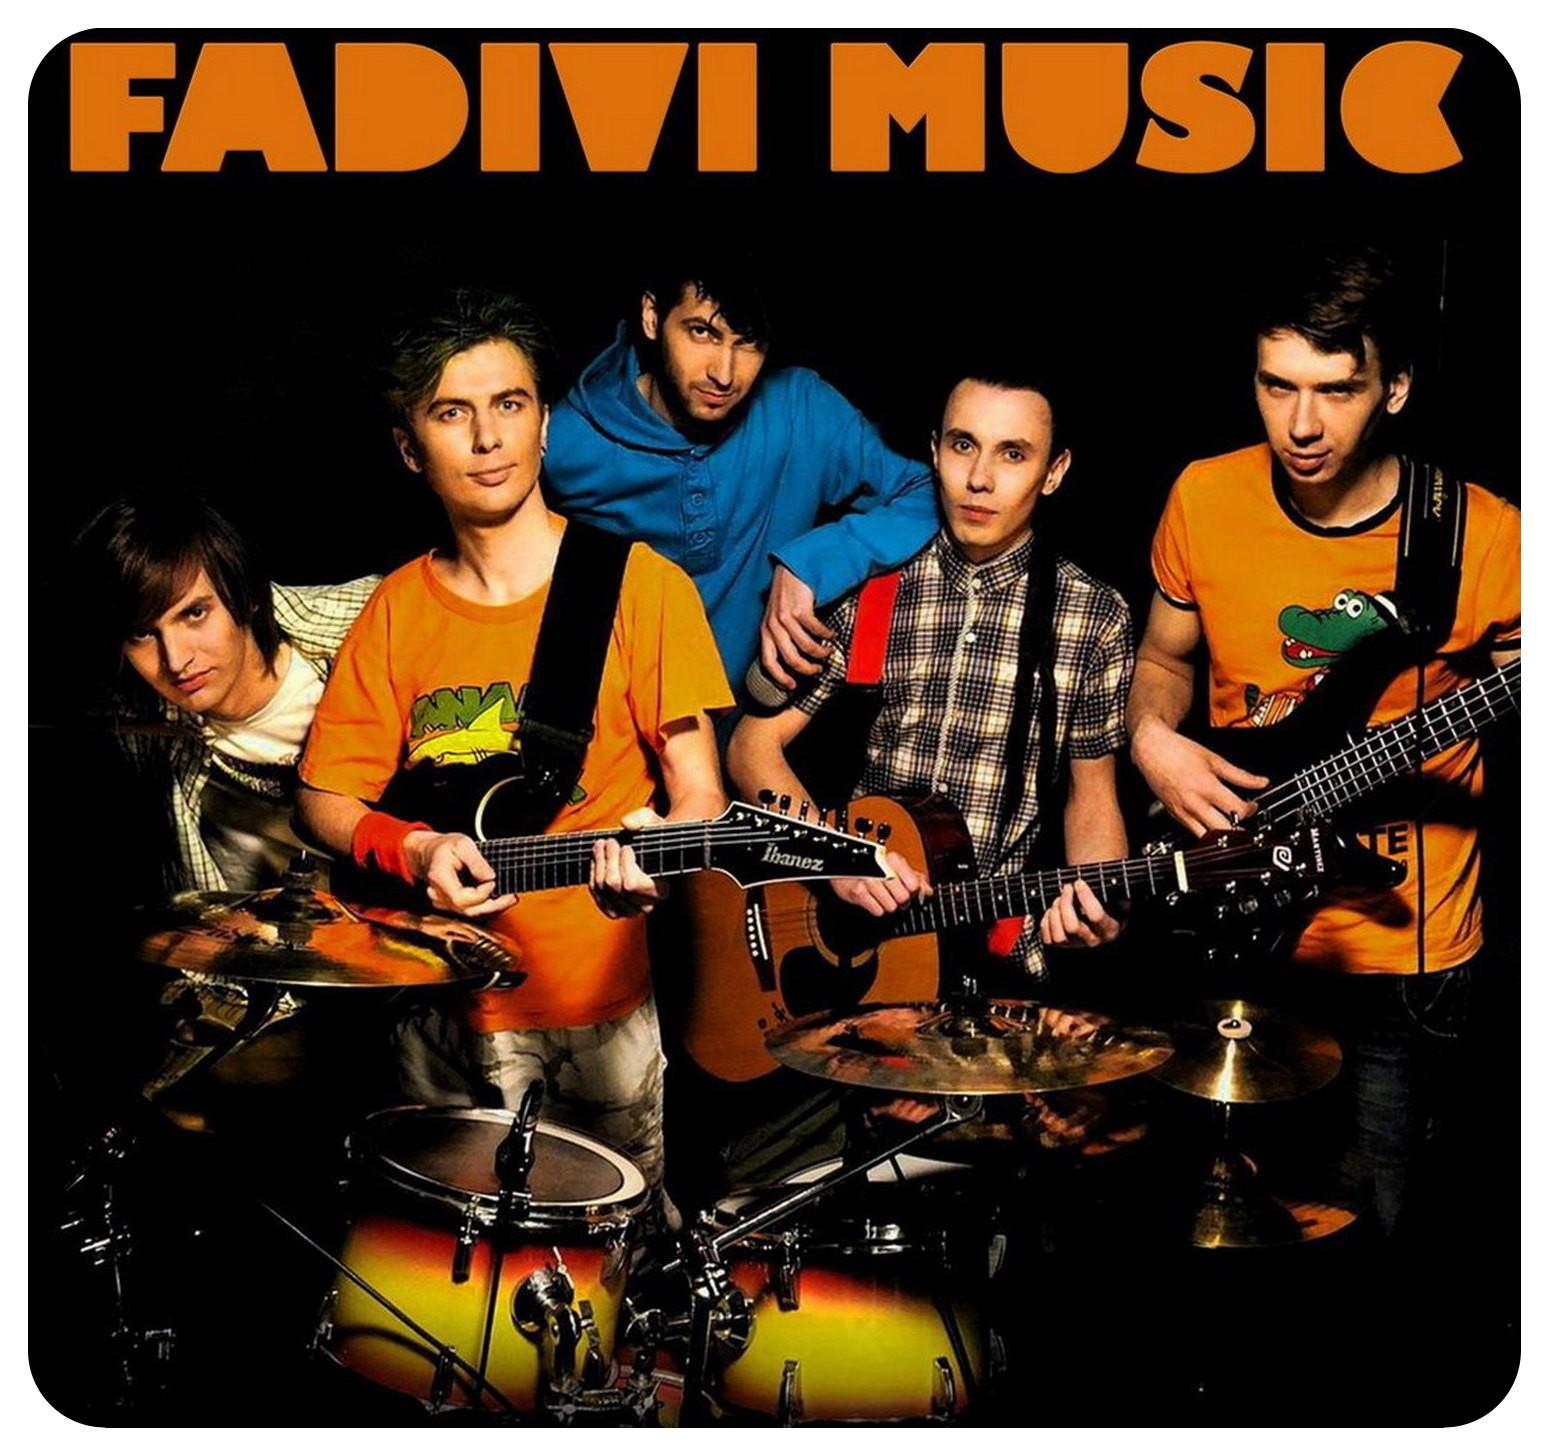 FADIVI MUSIC